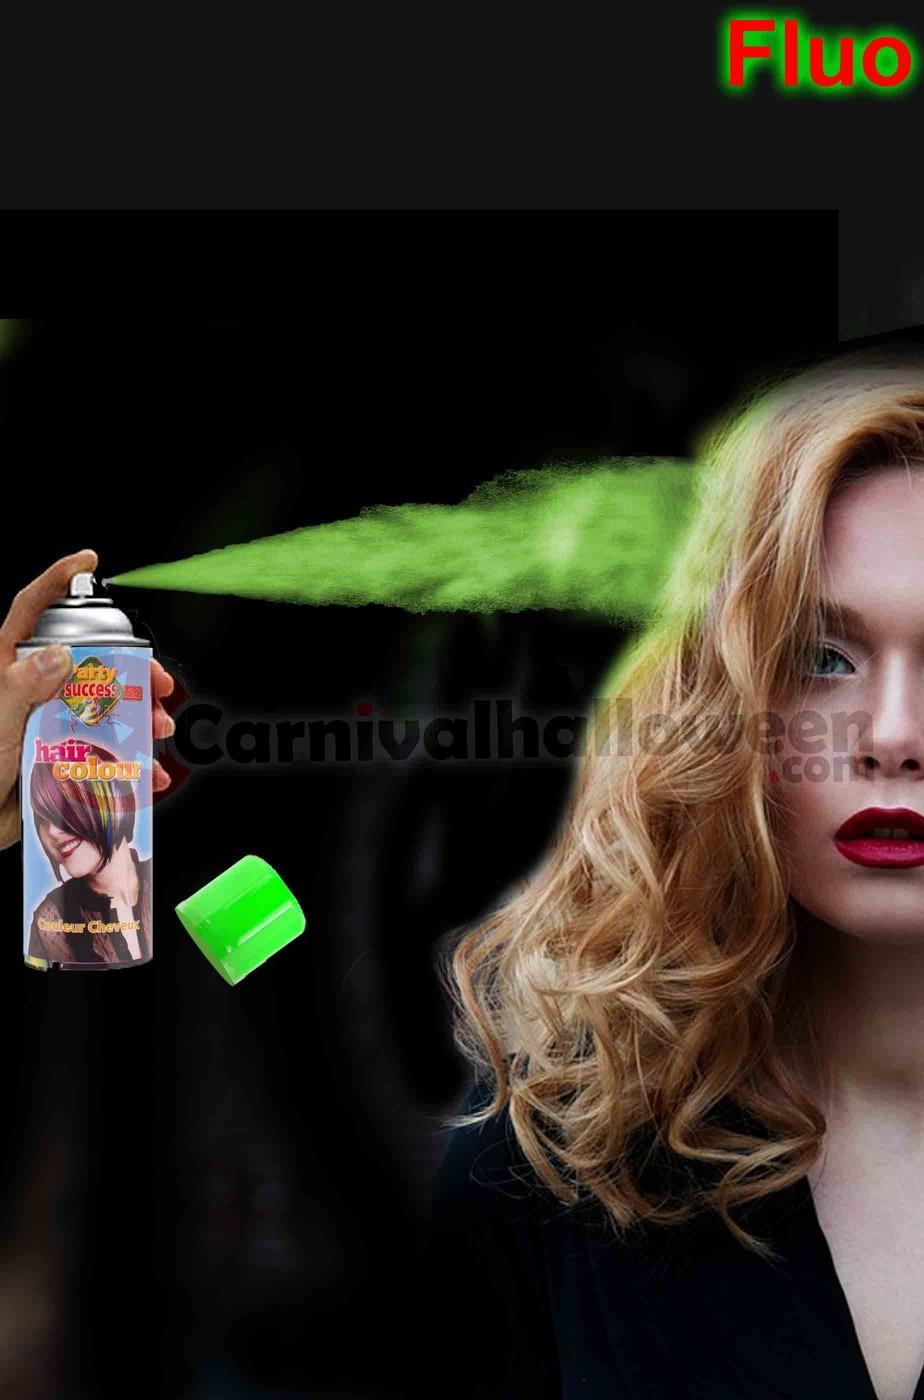 Colore per capelli spray lacca colore verde fluo